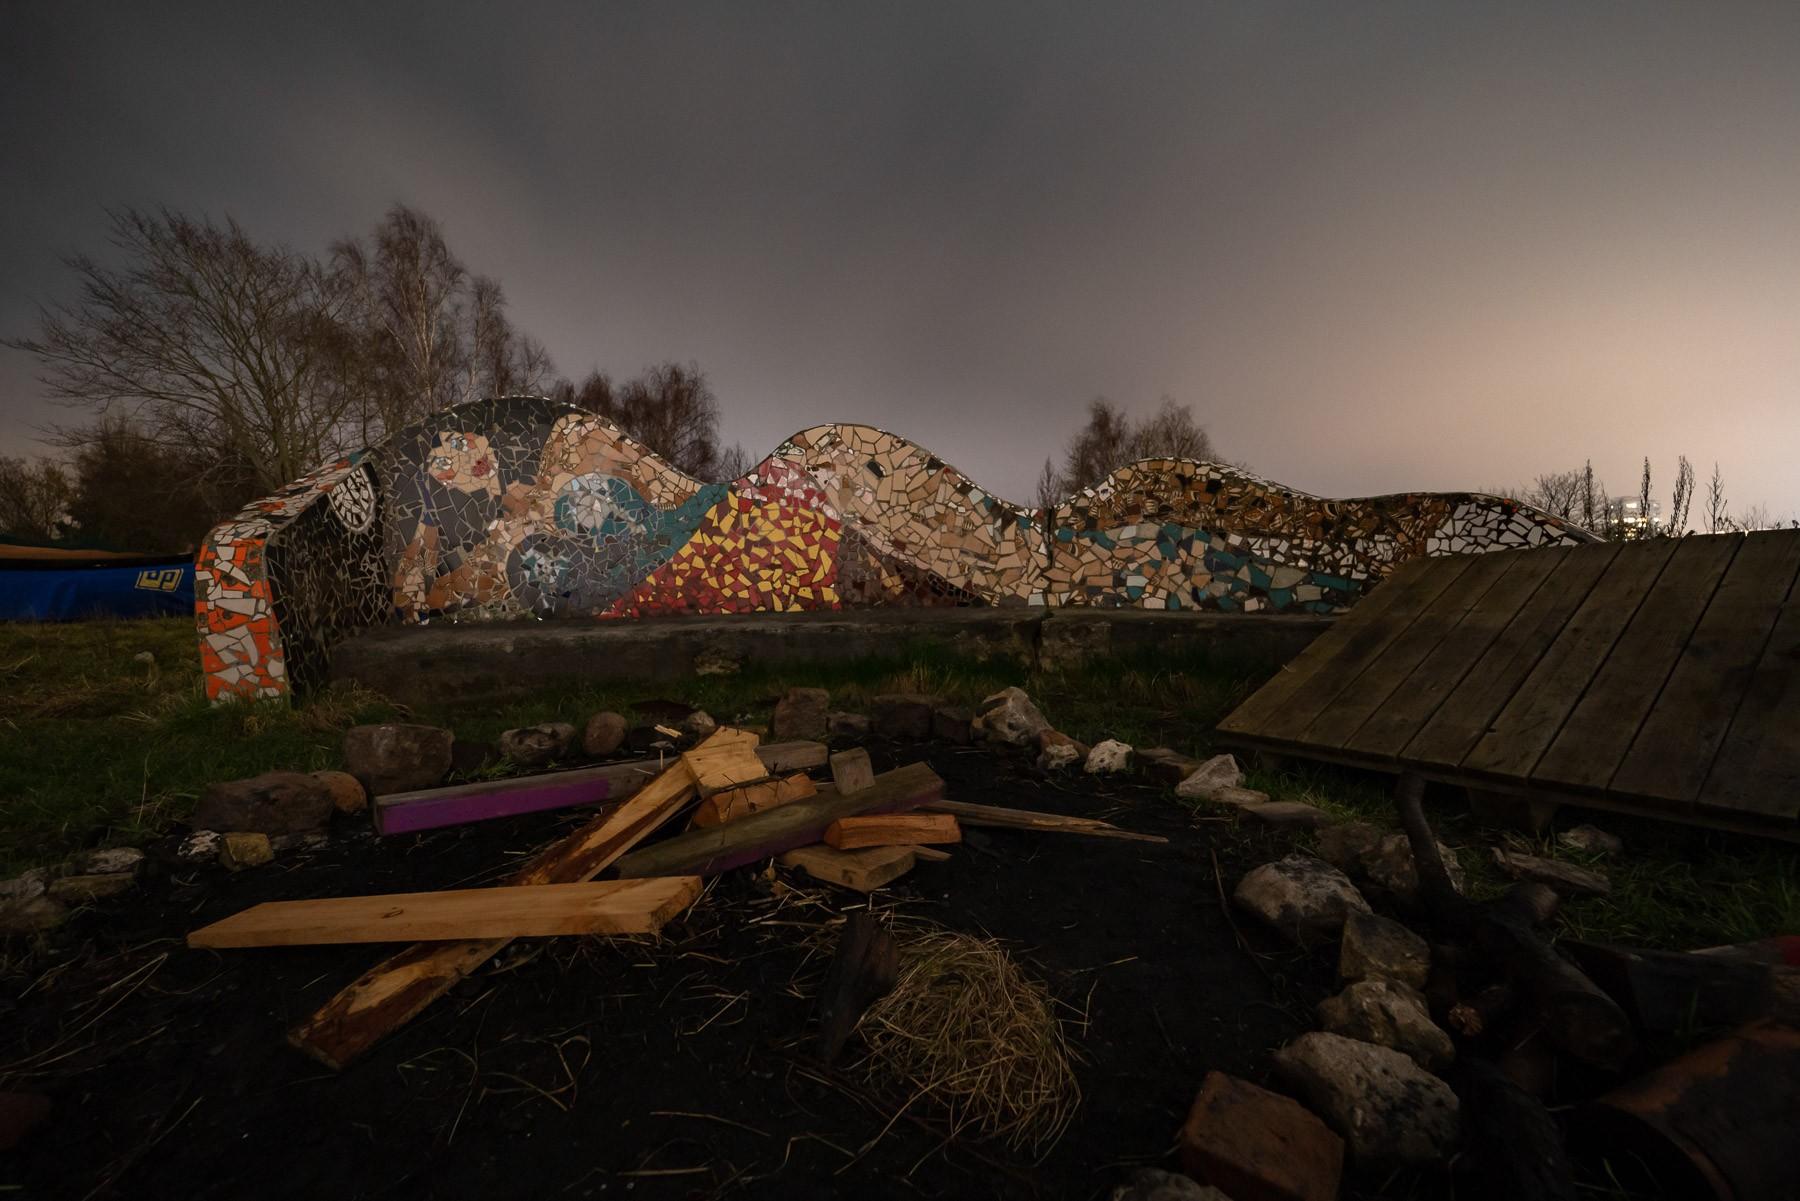 Arty-farty bænk og bålplads ved Haveforeningen Nokken